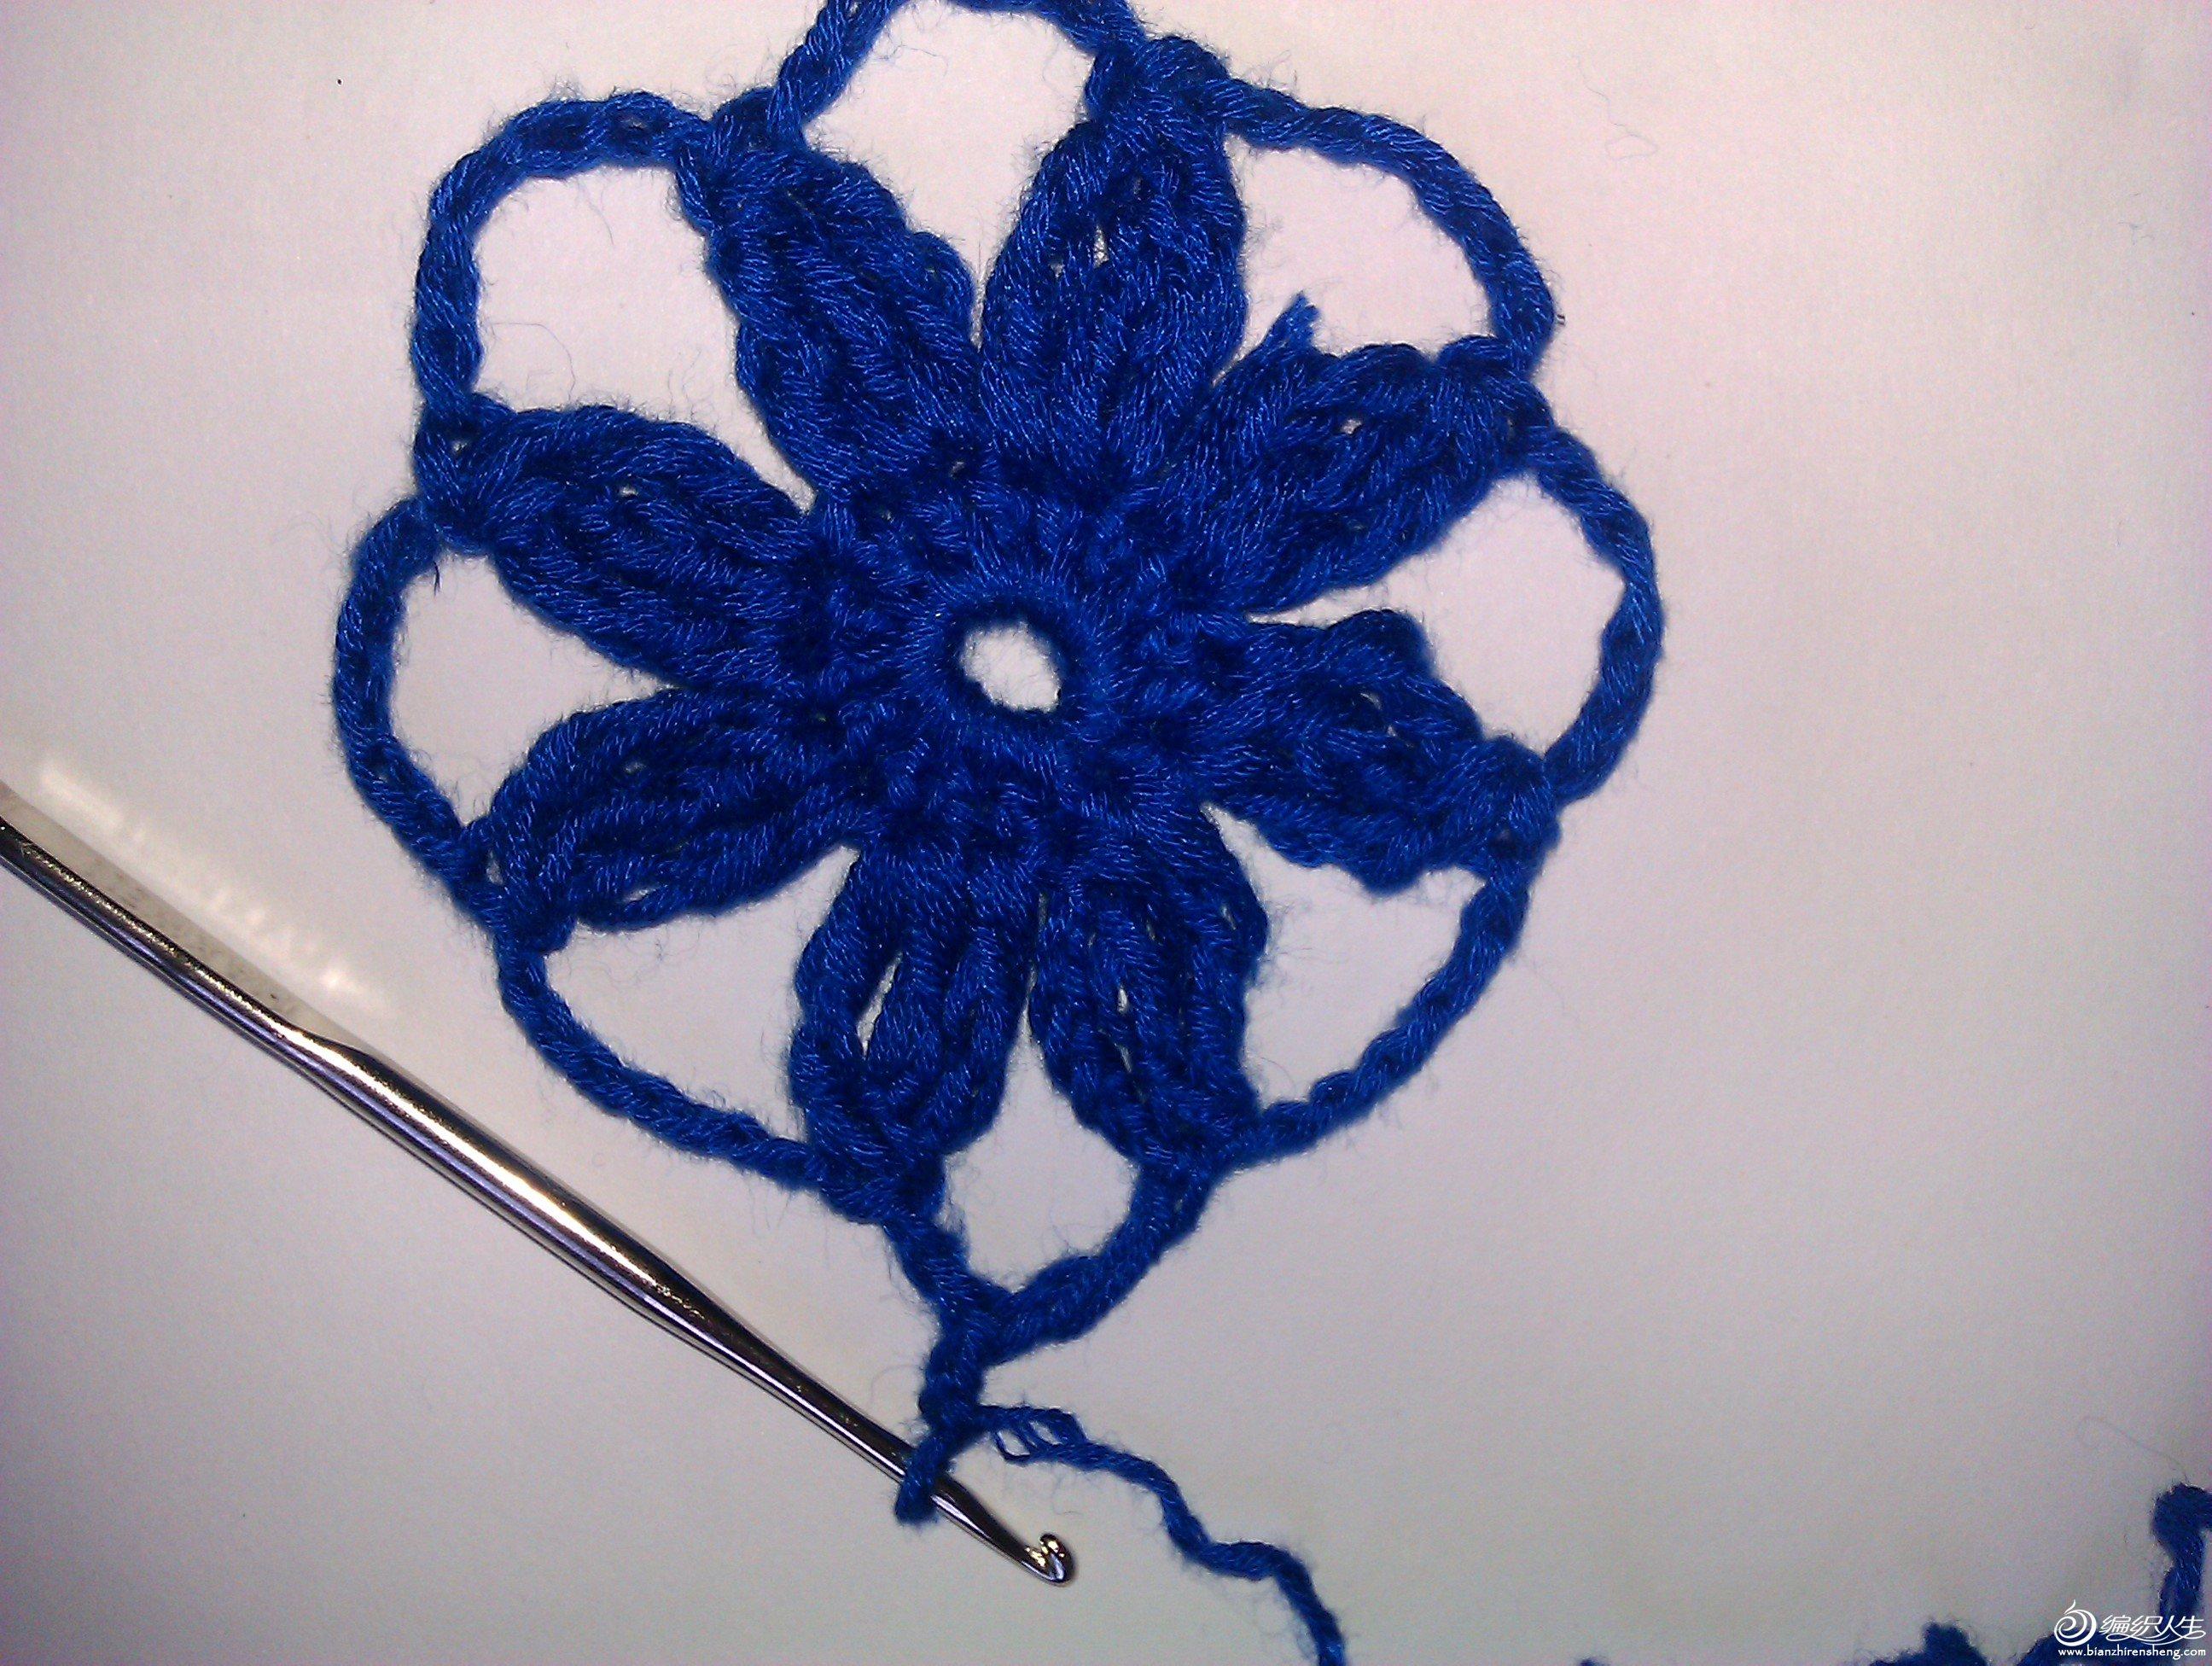 花心6个辫子针16个短针,每个花瓣是3个长针中间用6针辫子连接